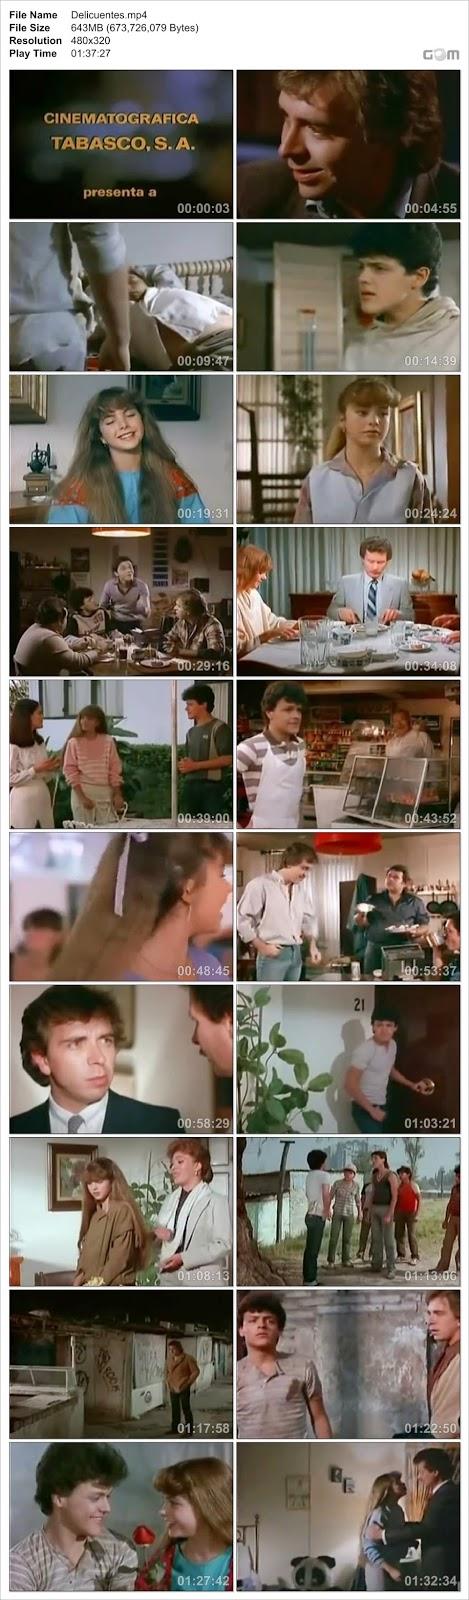 Descargar Peliculas Mexicanas Pedro Fernandez Lucerito Delincuente DVDRip 1984